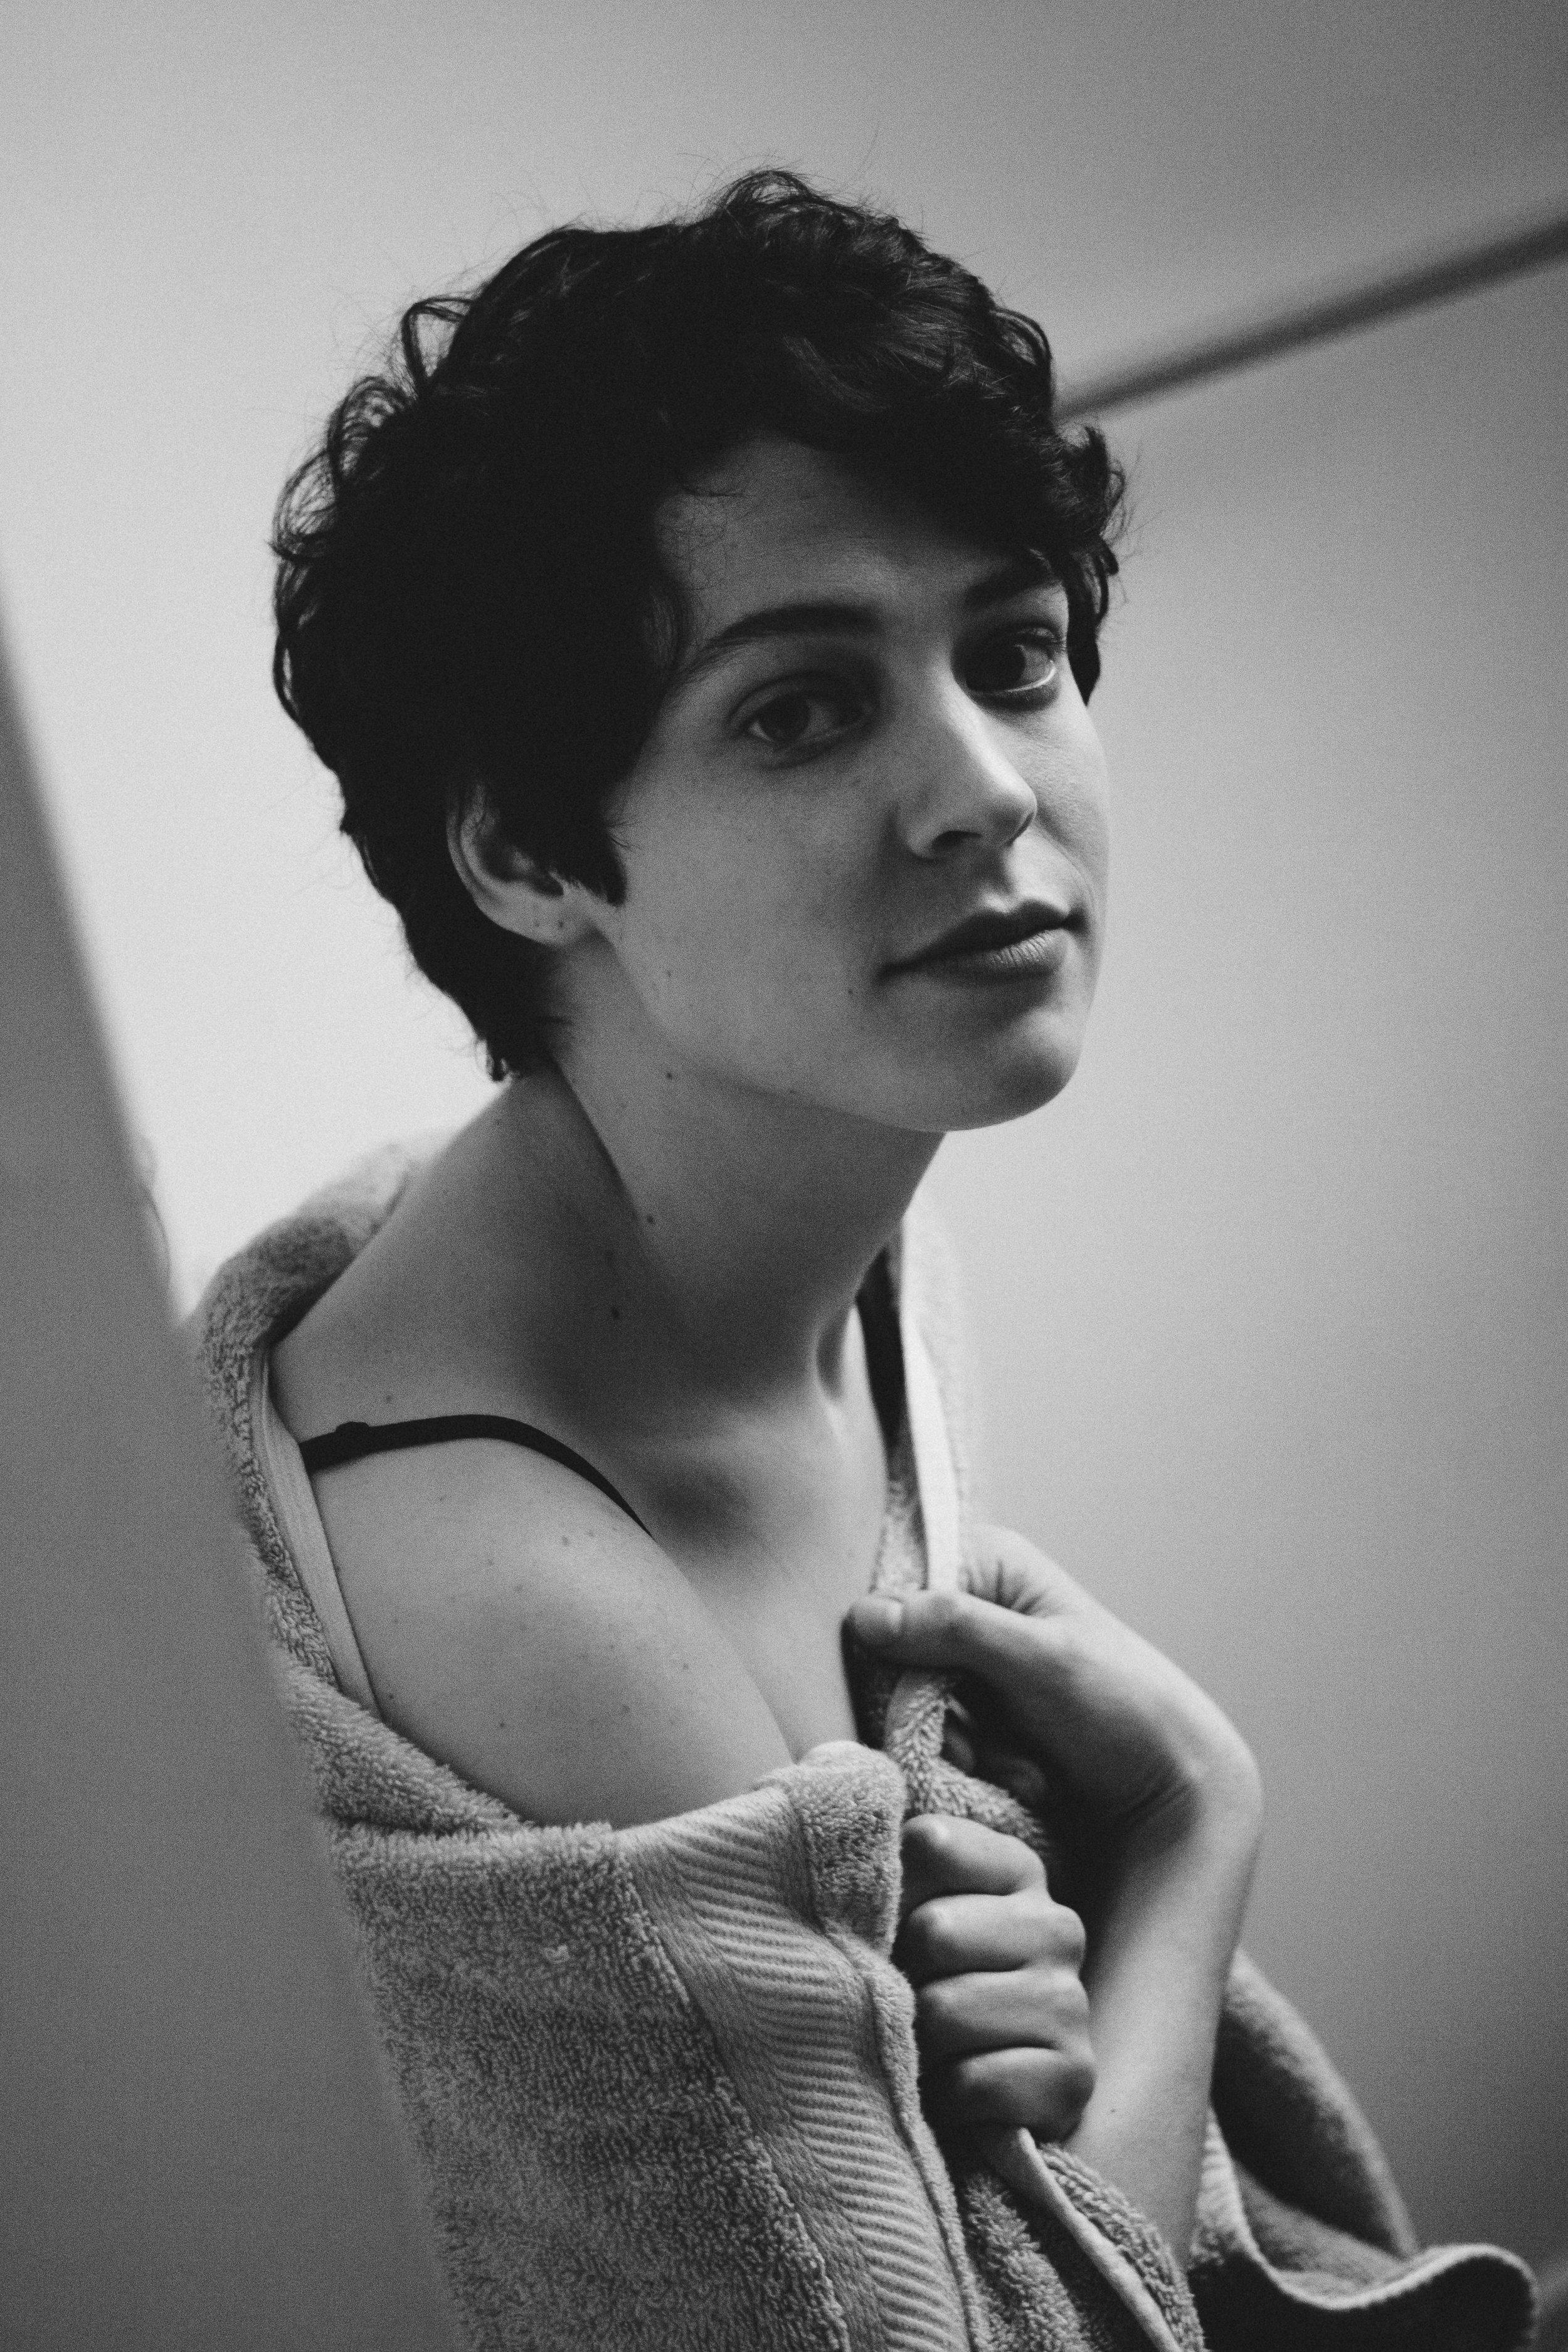 Amy-Rachel-Bare-5082.jpg